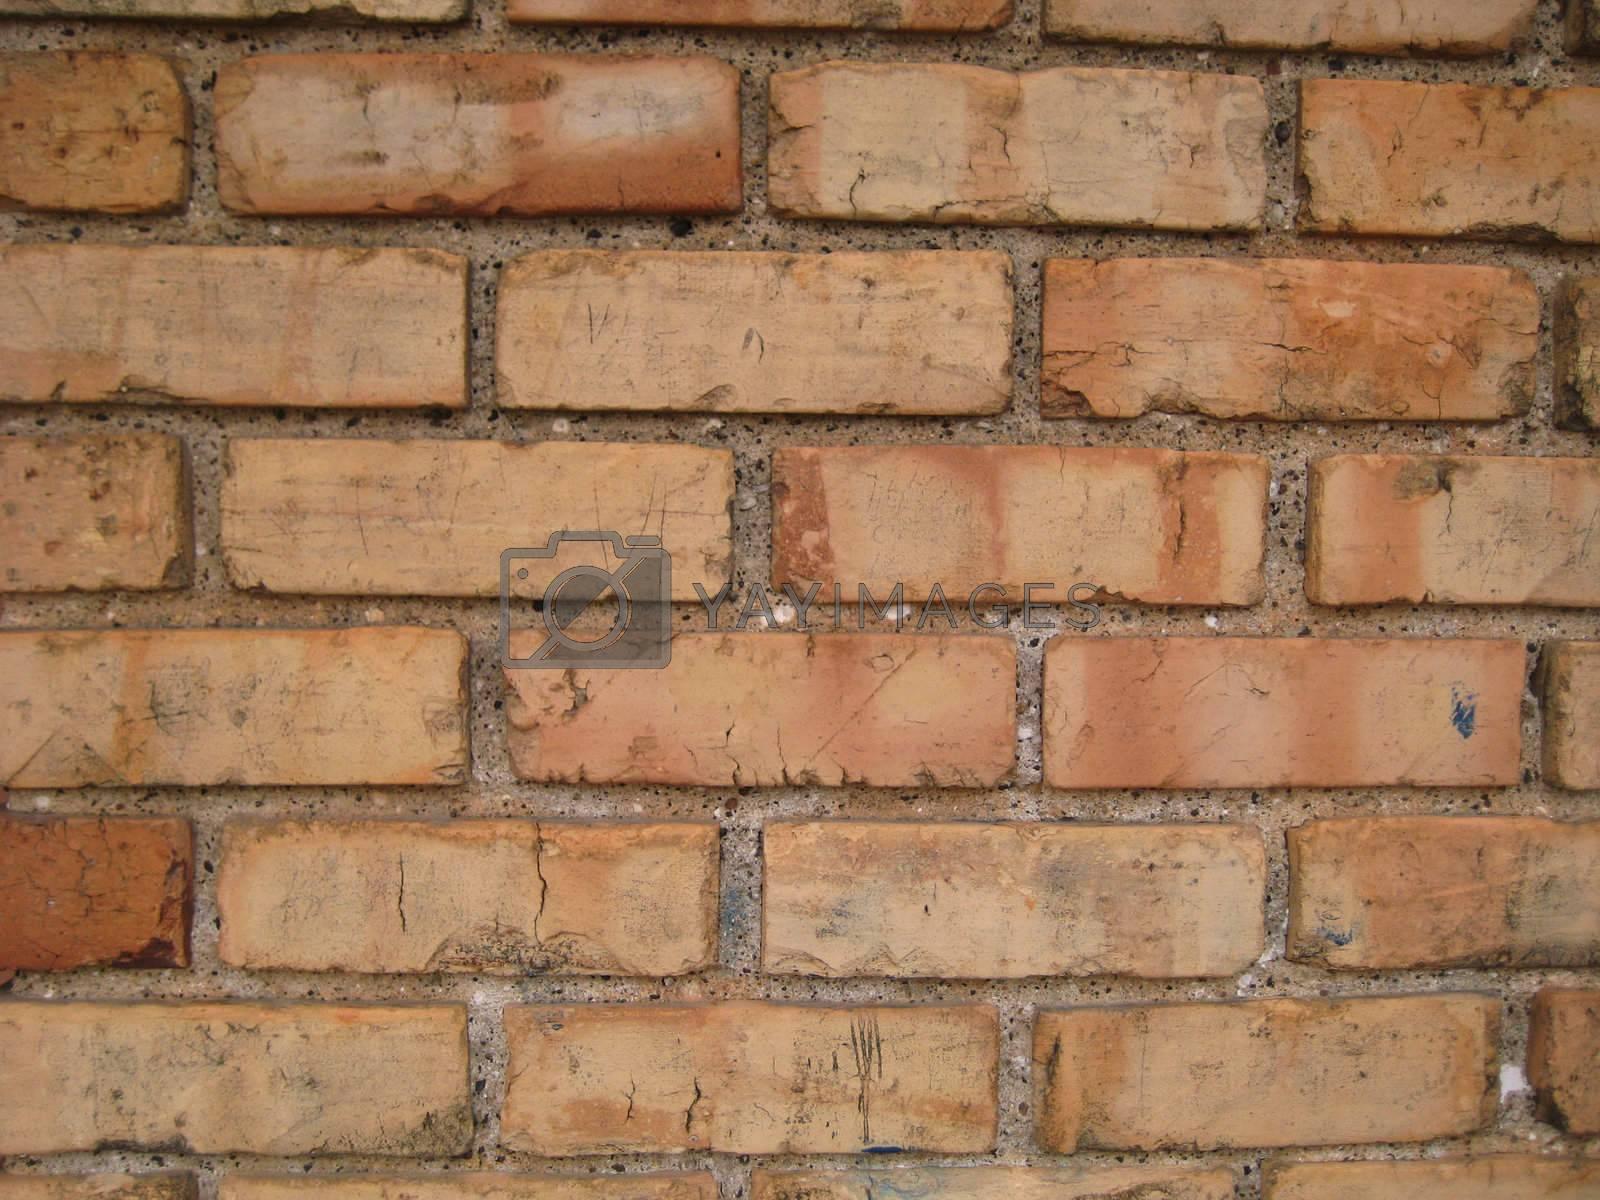 Brick Background by jclardy